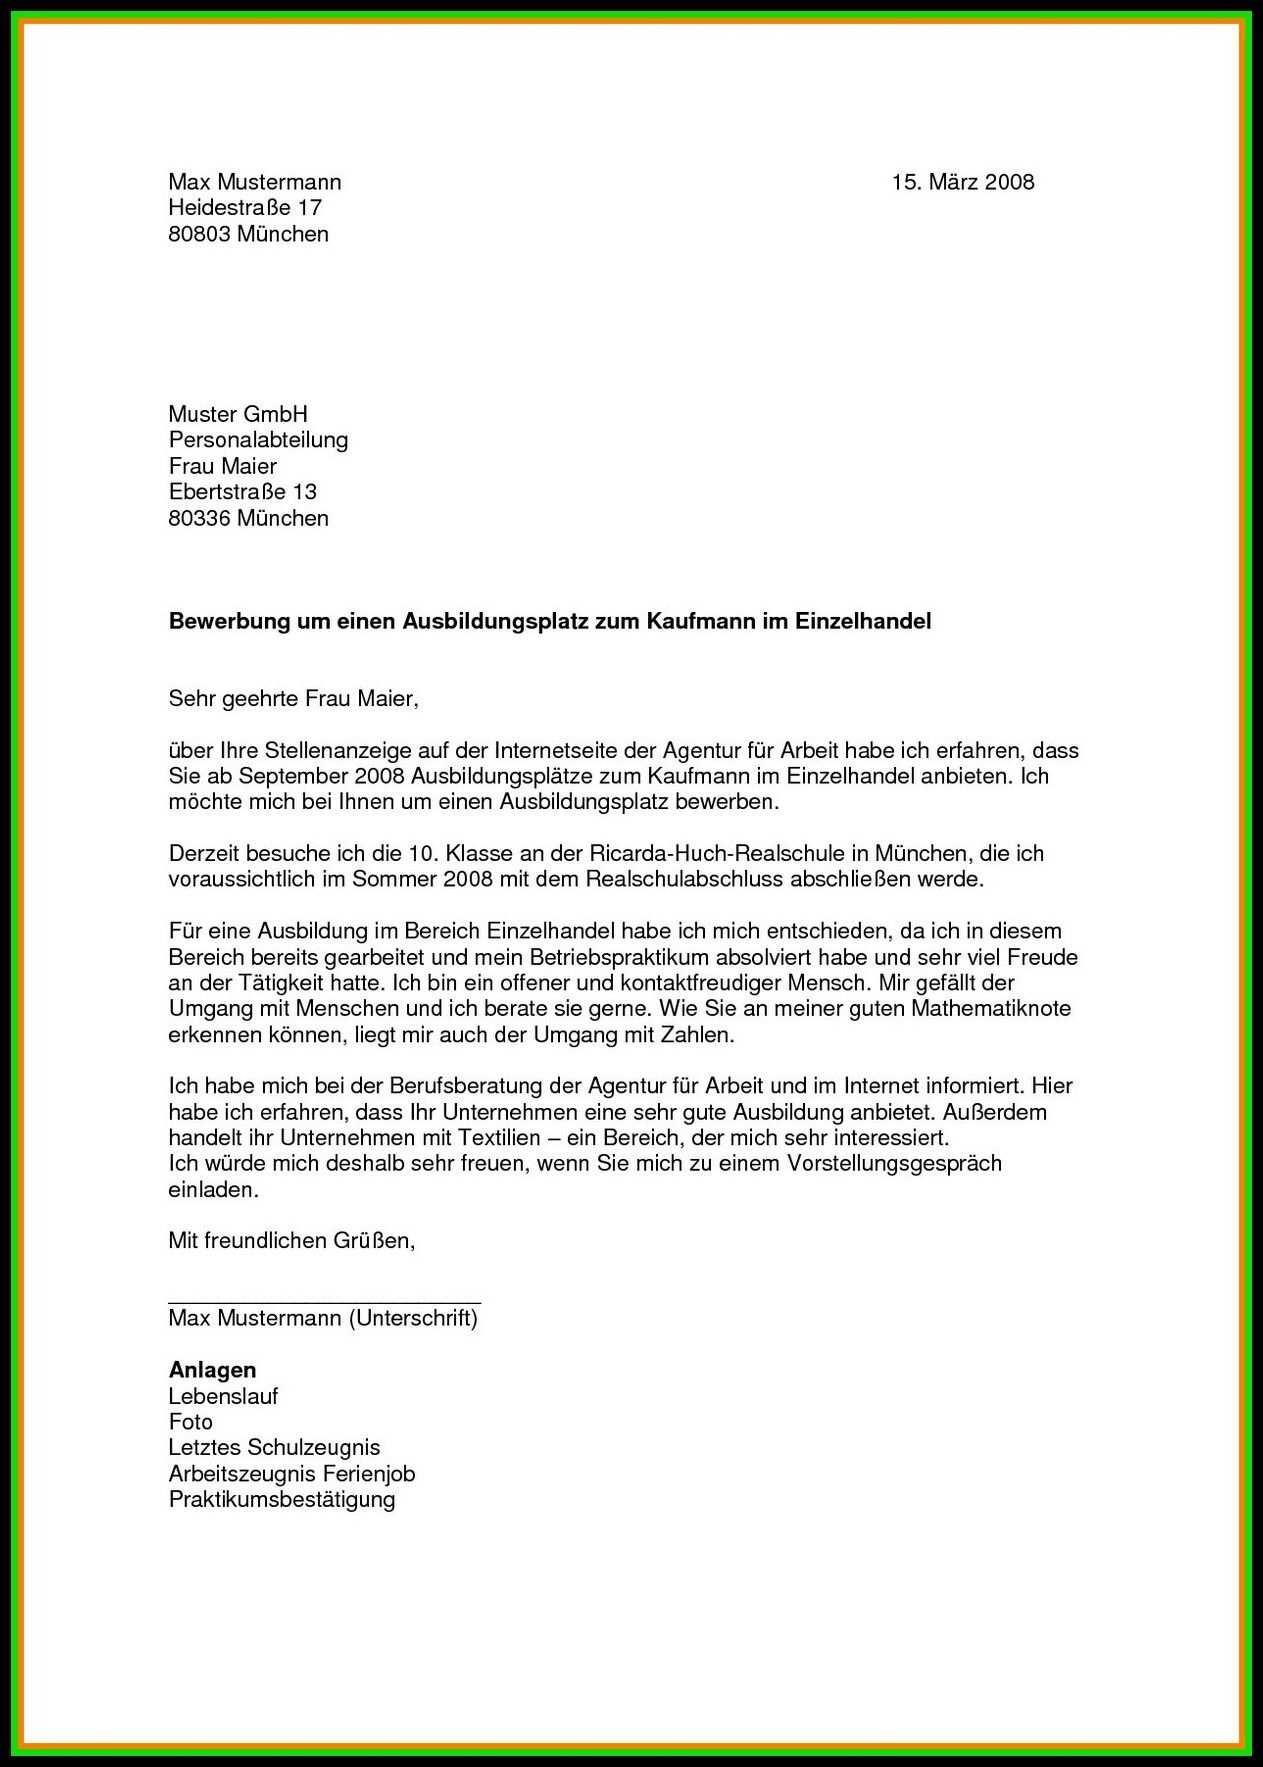 30 Facharbeit Deckblatt Vorlage Bewerbungen Unterschreiben Lebenslaufvorlage Bewerbungmuster Vorlagen In 2020 Resume Words Resume Template Internship Resume